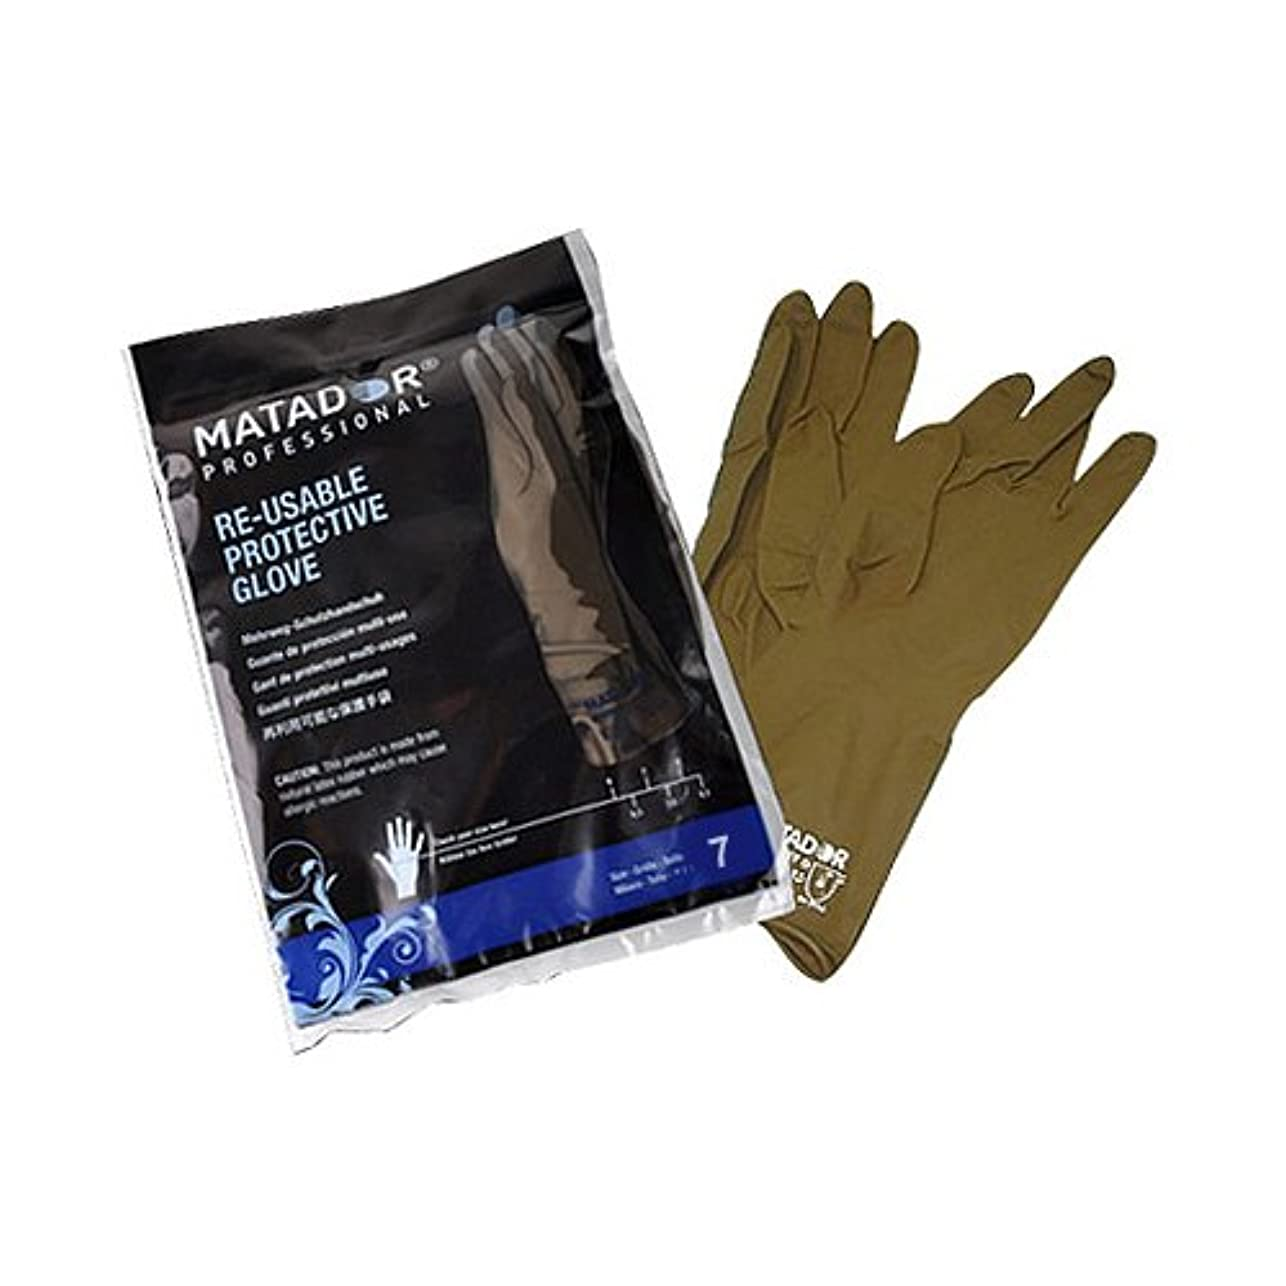 ありがたい提案する典型的なマタドールゴム手袋 7.0吋 【10個セット】